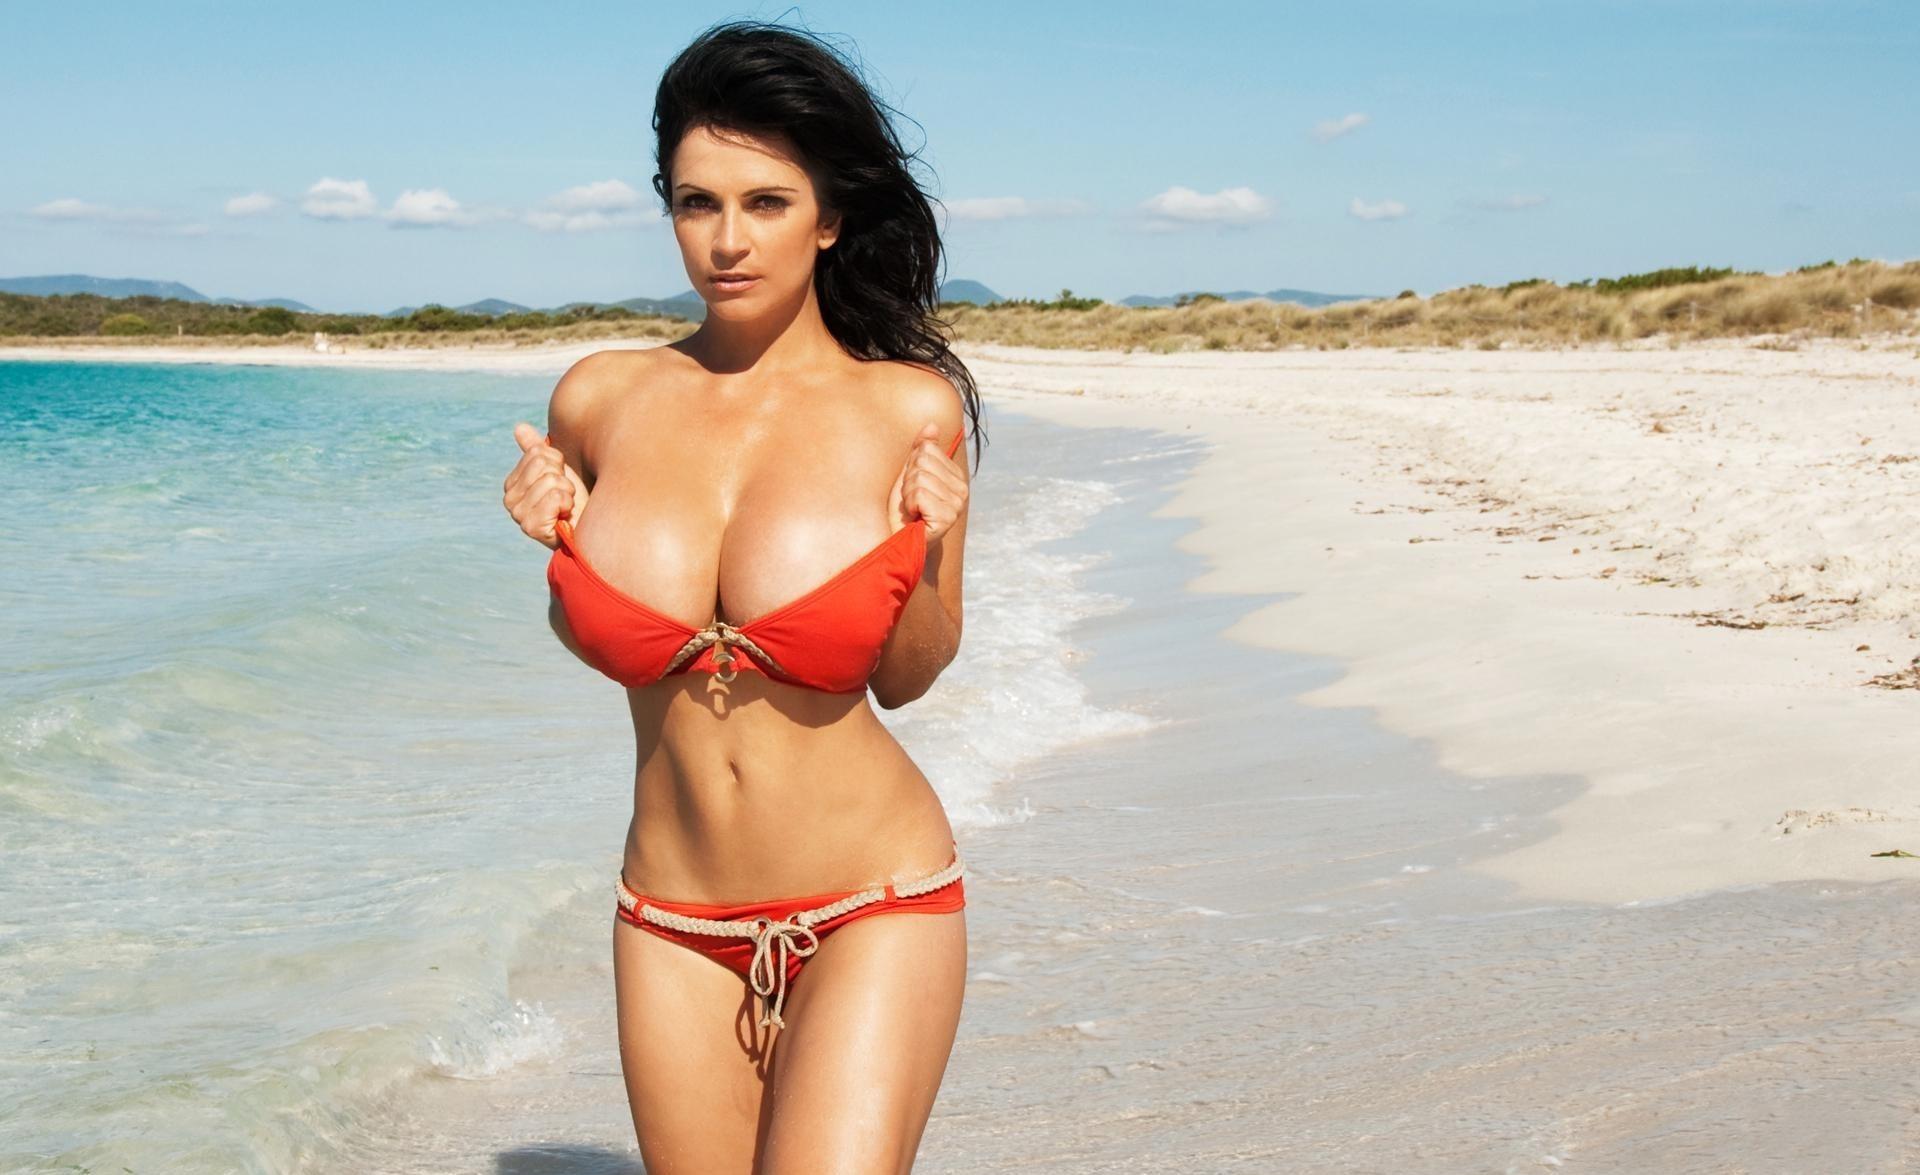 Смотреть грудастые девушки на пляже и с, Секс на пляже - подборка порно видео. Коллекция секс 6 фотография